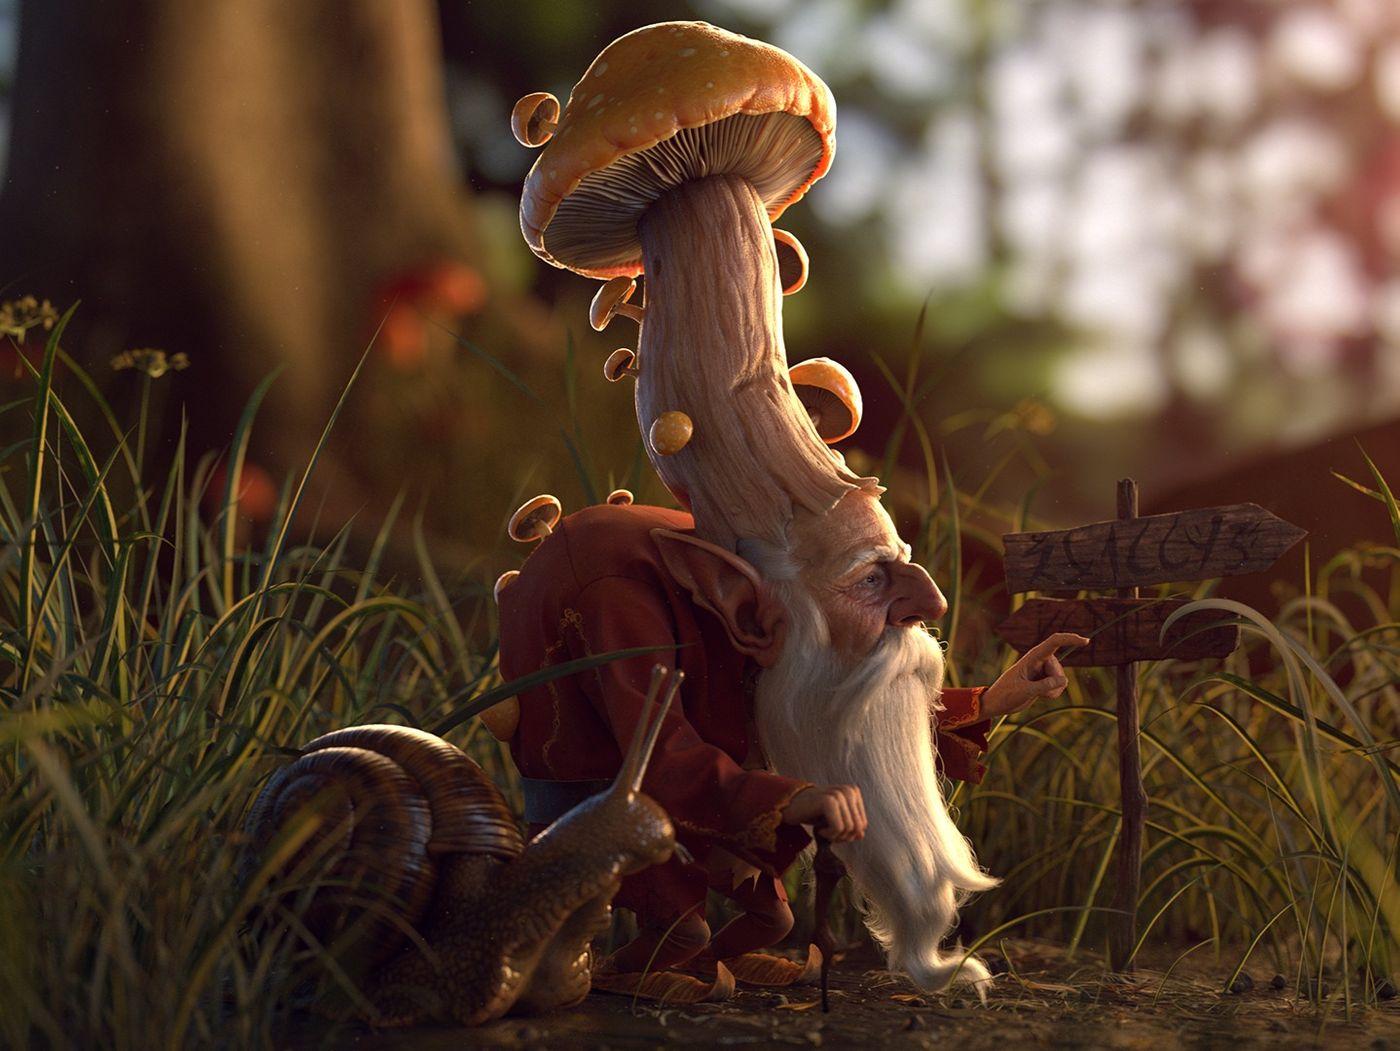 Mushroom King and Demon